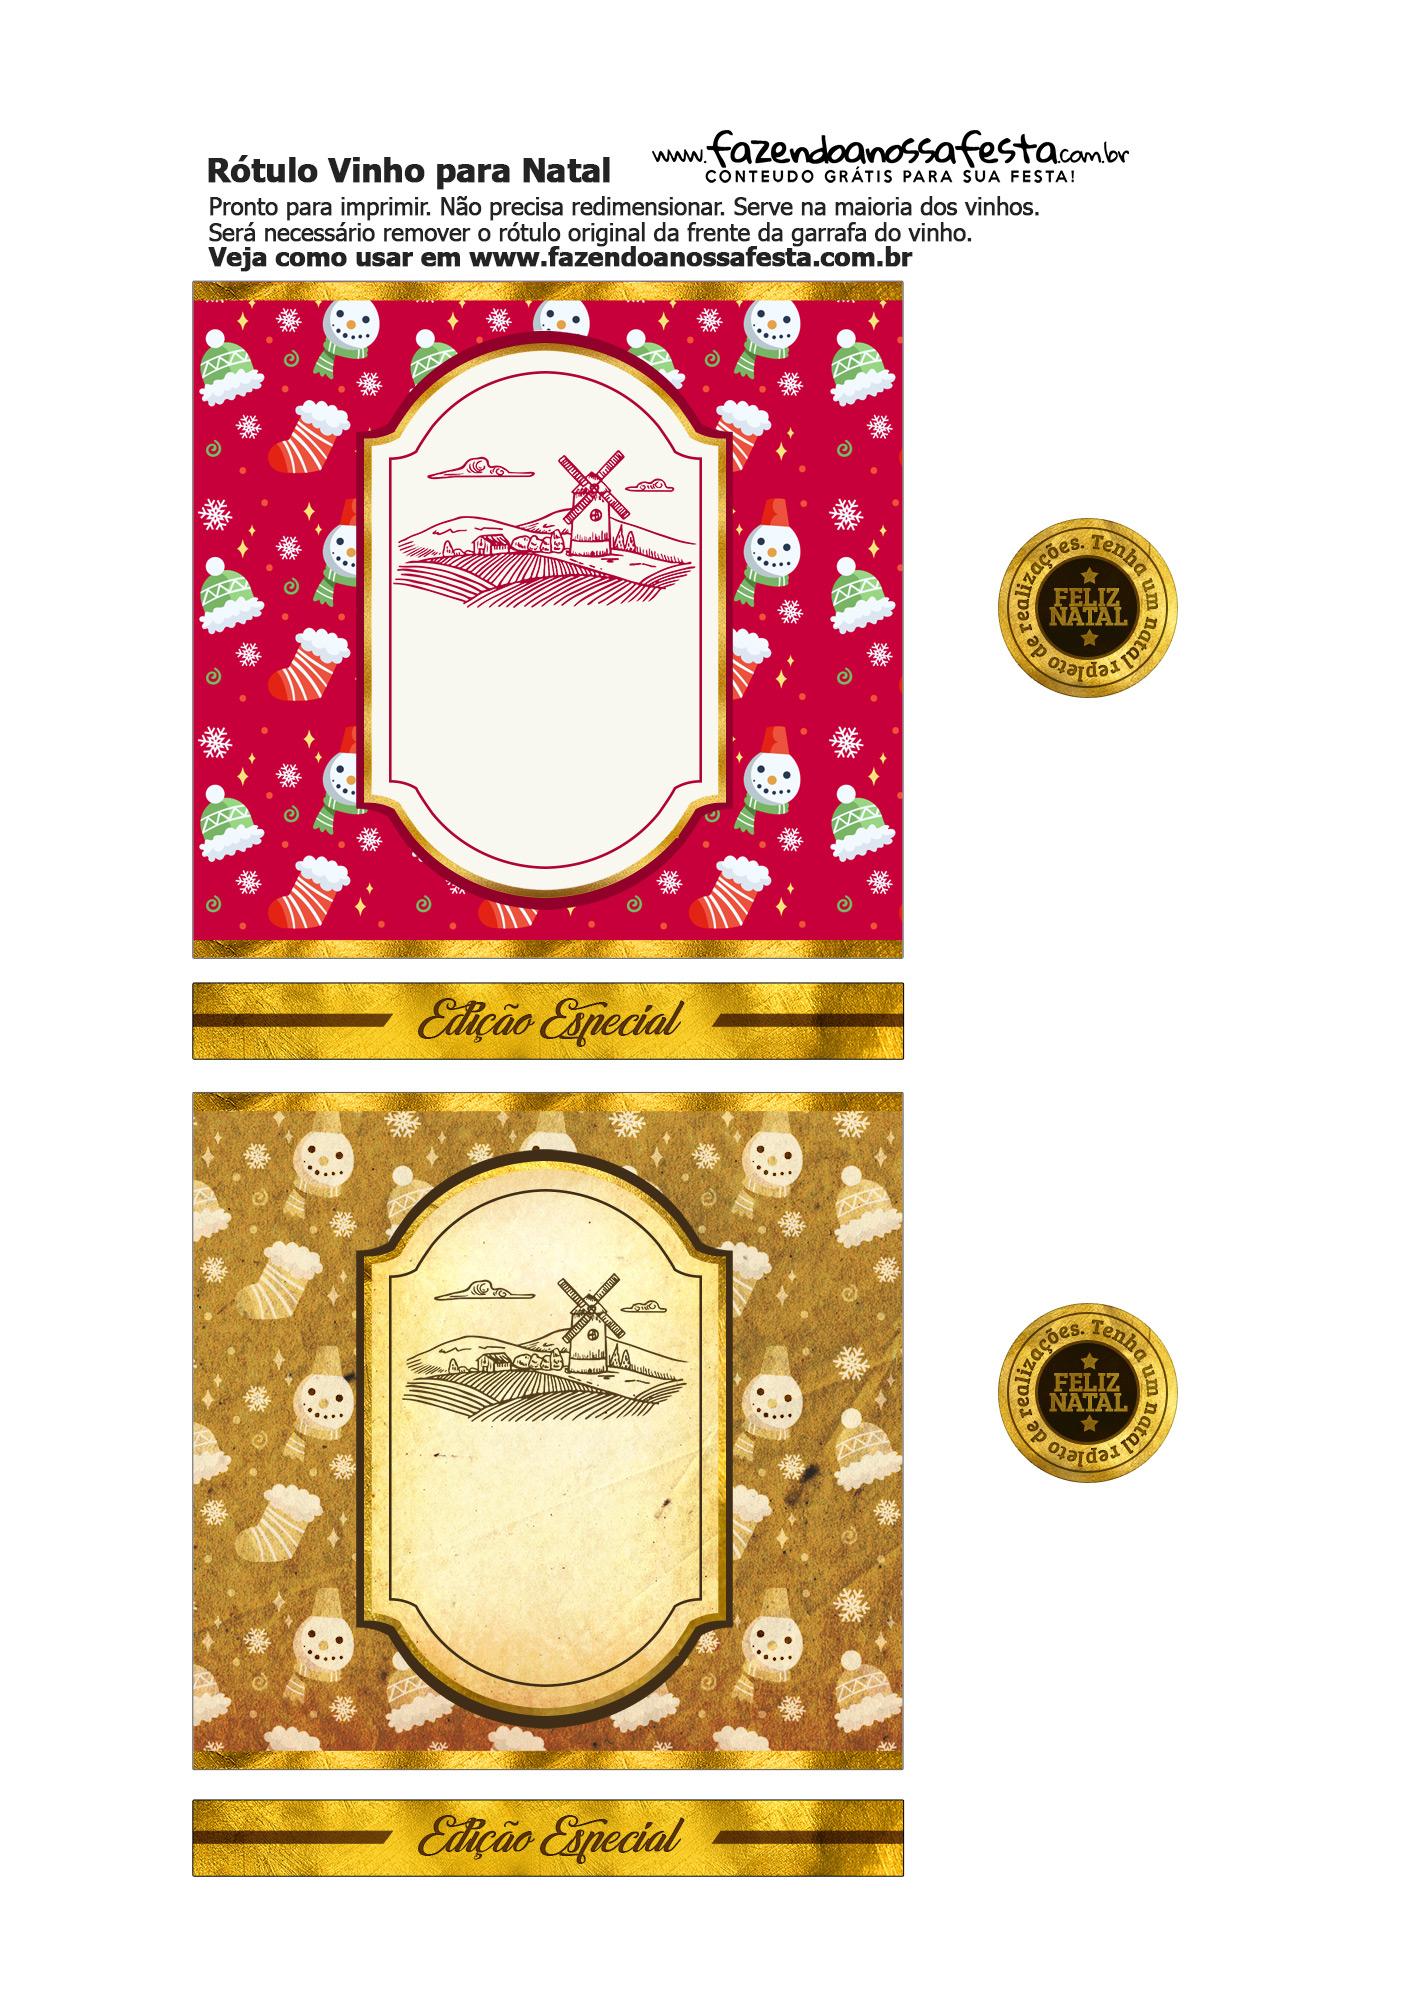 Rotulo de Vinho Personalizado para Natal 10